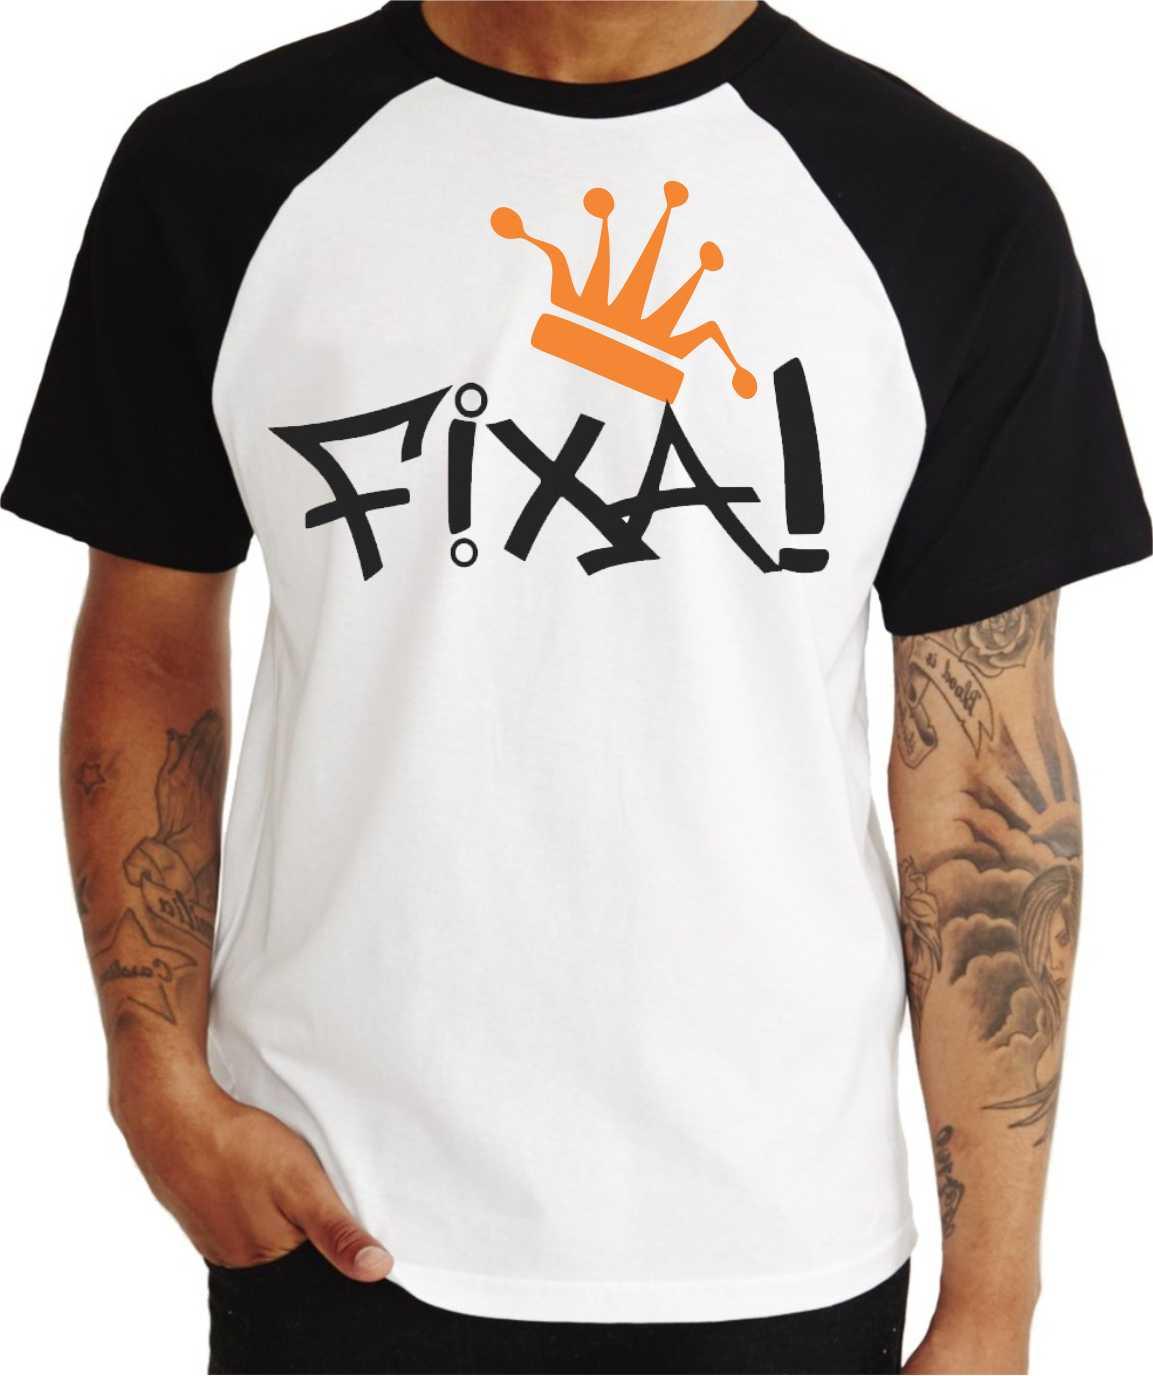 439c56c0e Camisetas Fixa